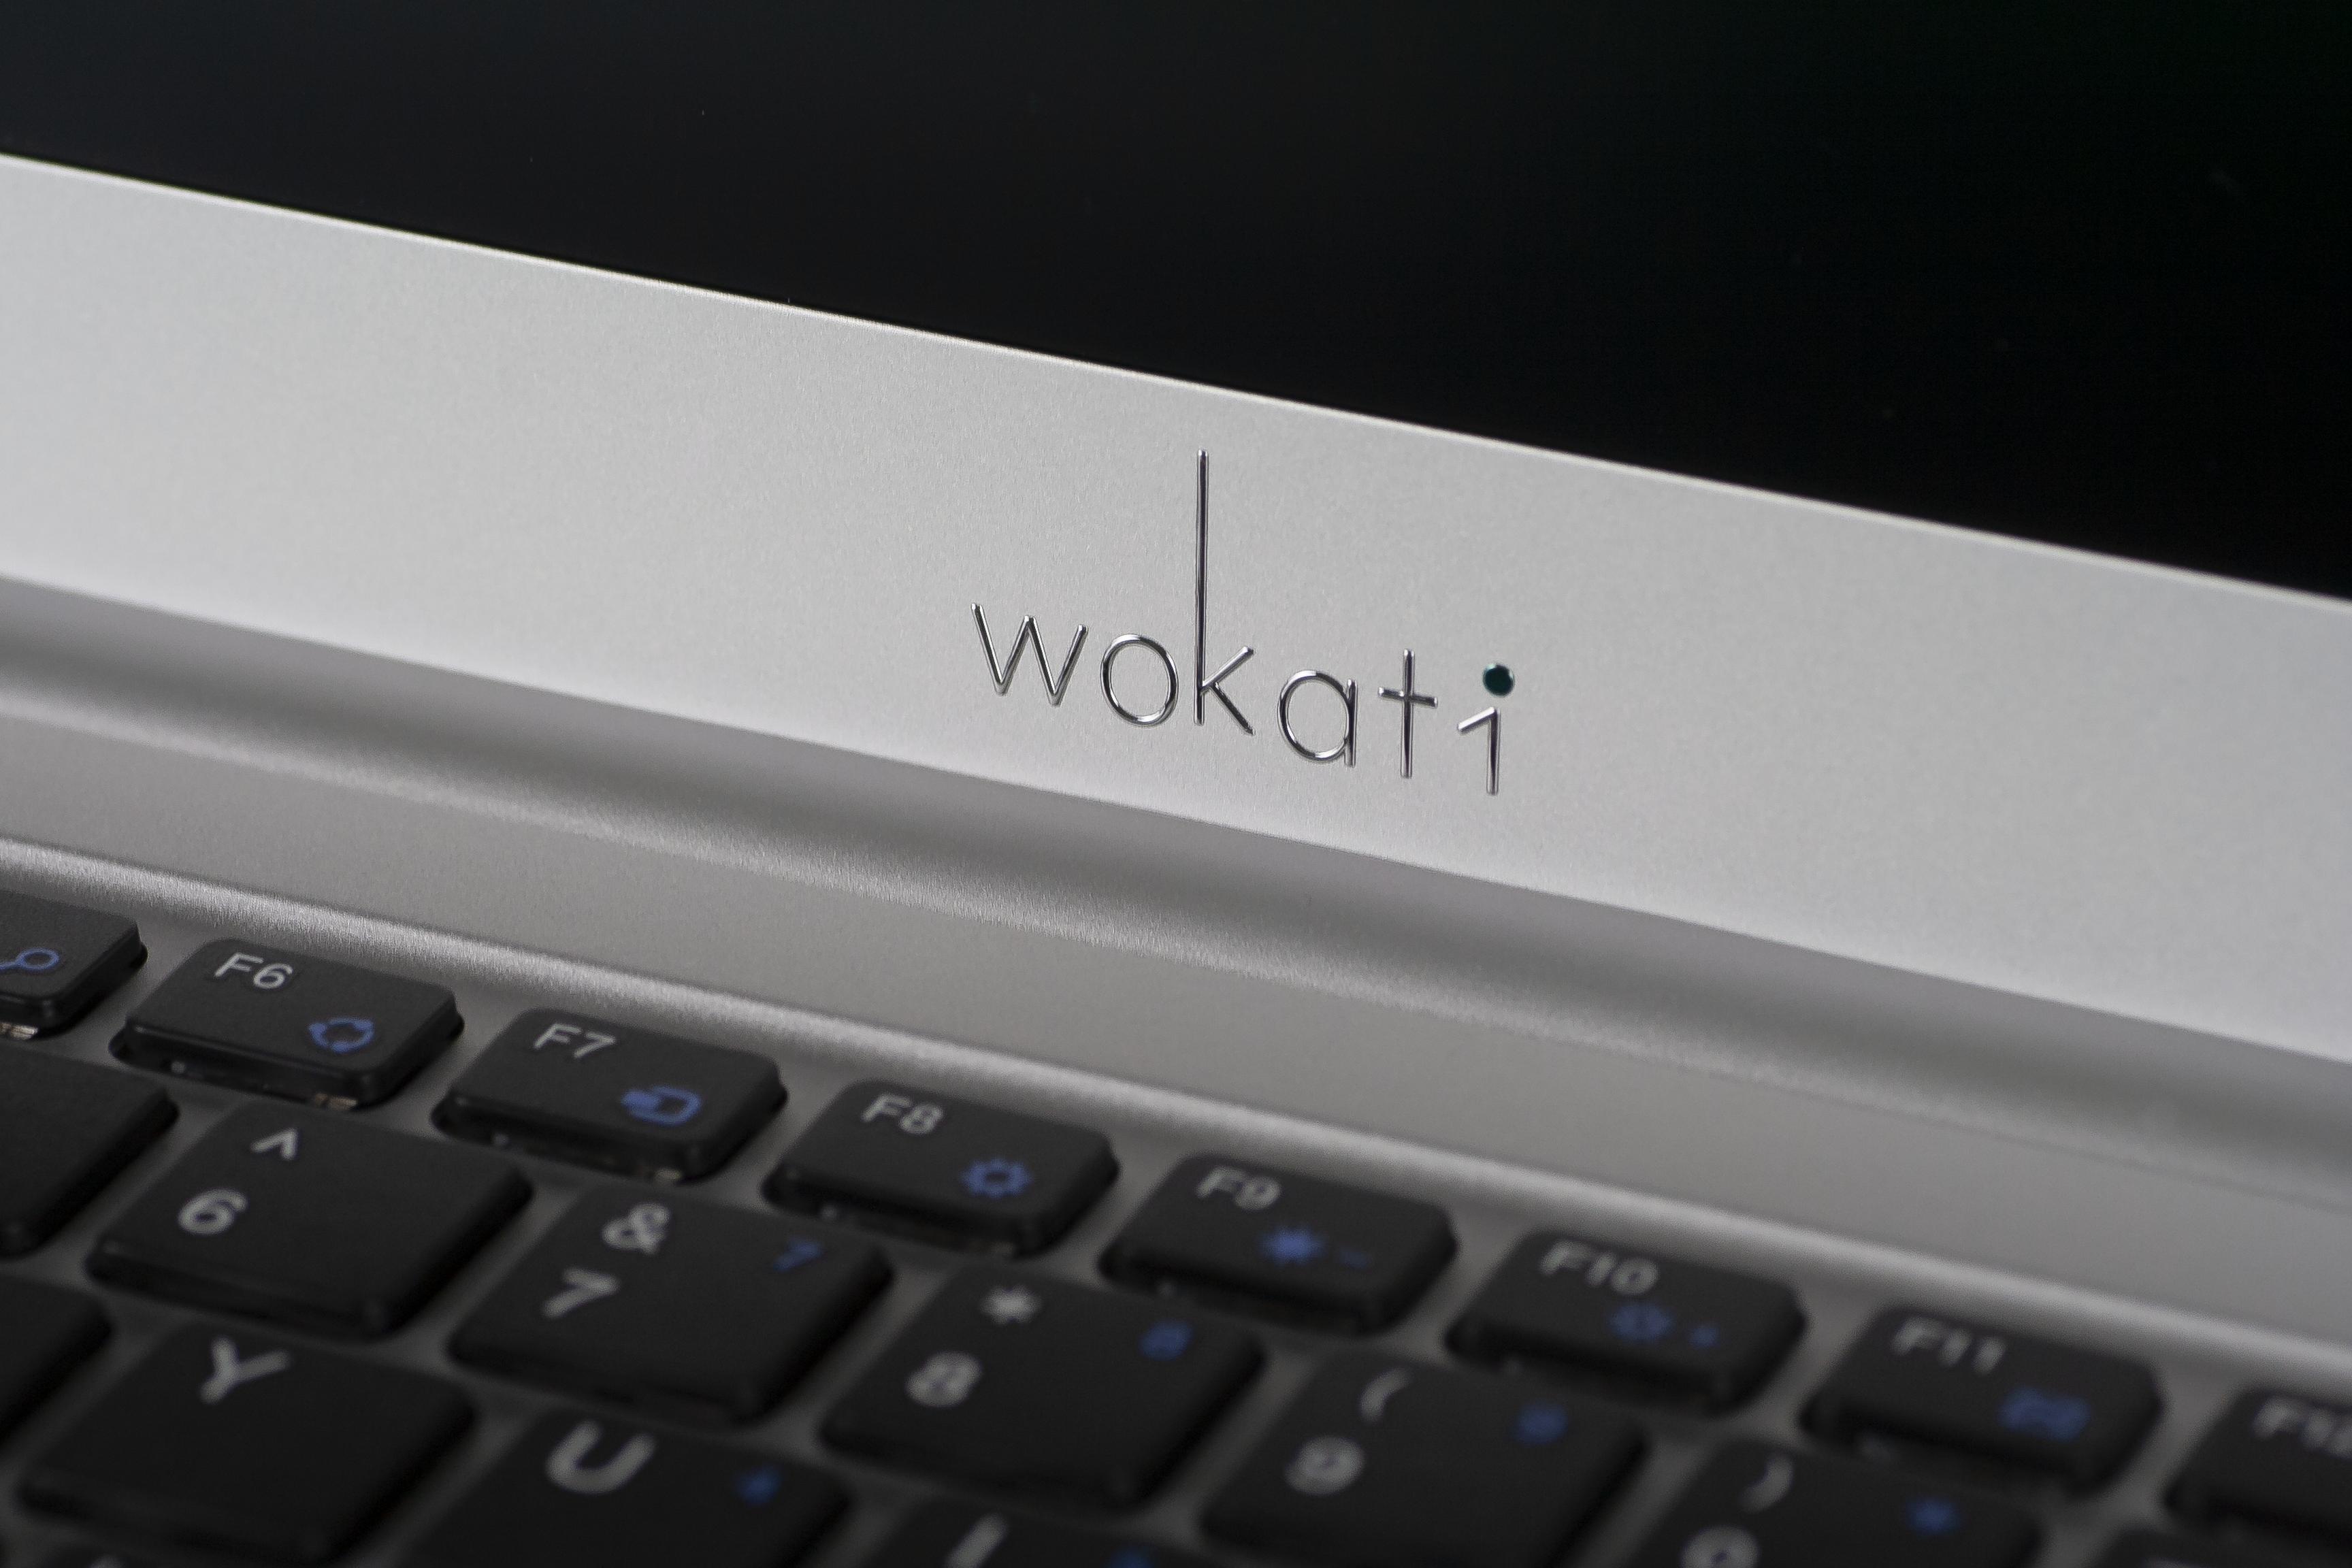 wokati logo on oBook